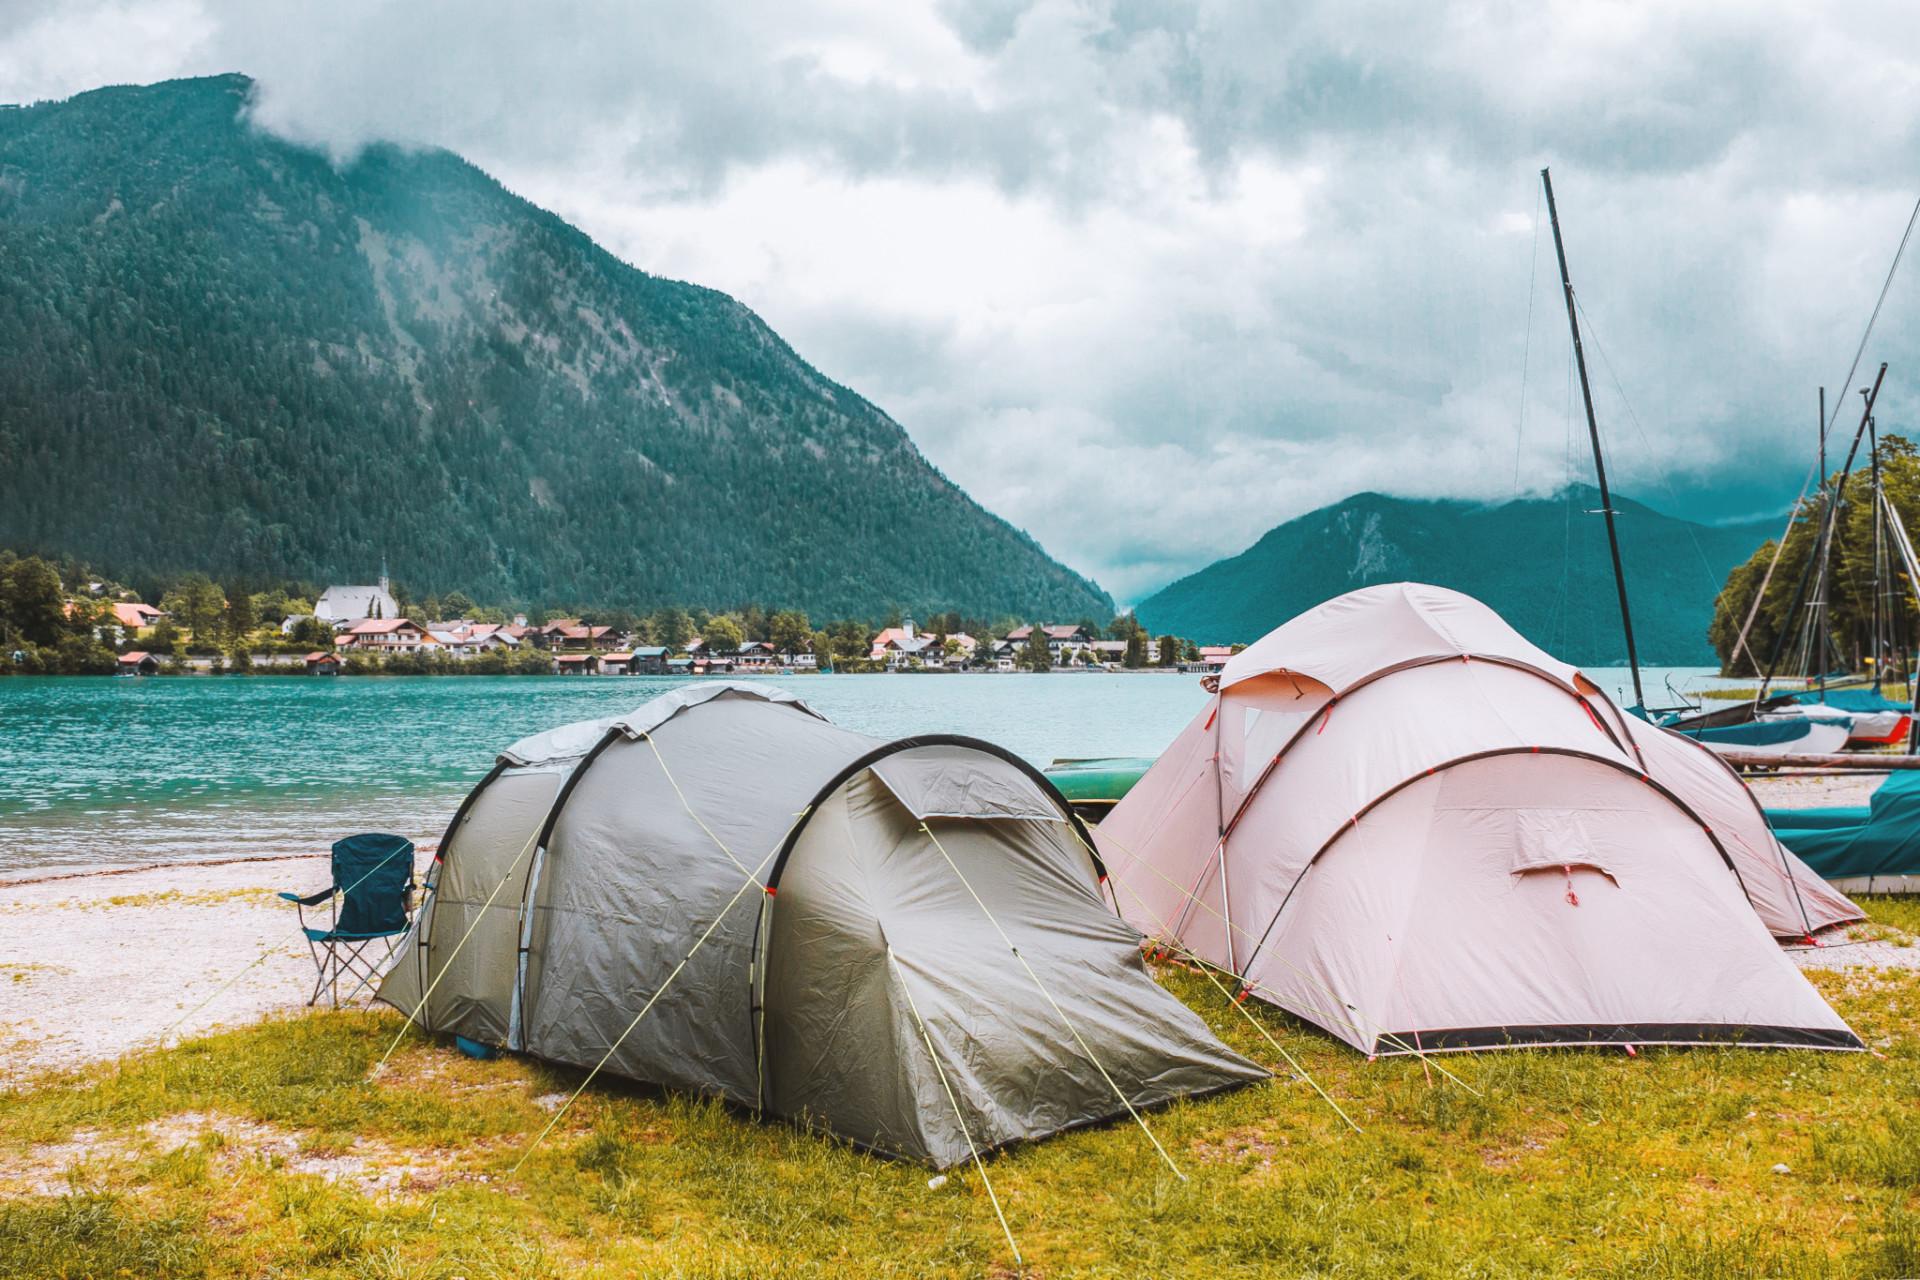 Bayern Camping am See - Walchensee